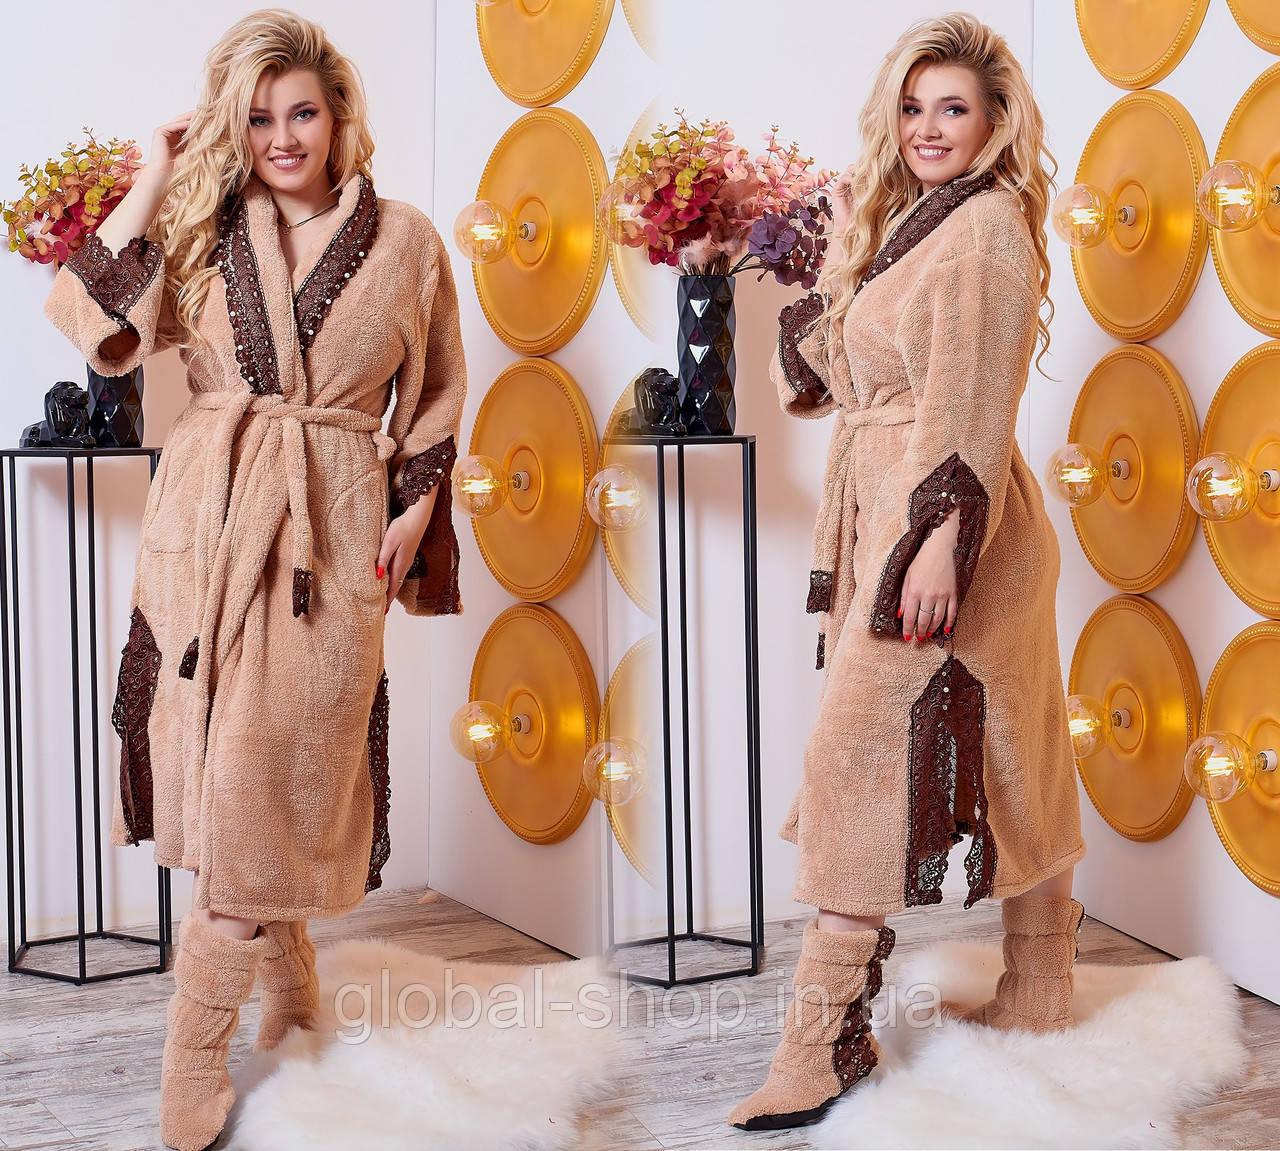 Шикарный халат с кружевами плюс махровые сапожки, Размеры 48-50 и 50-52,  код 0106